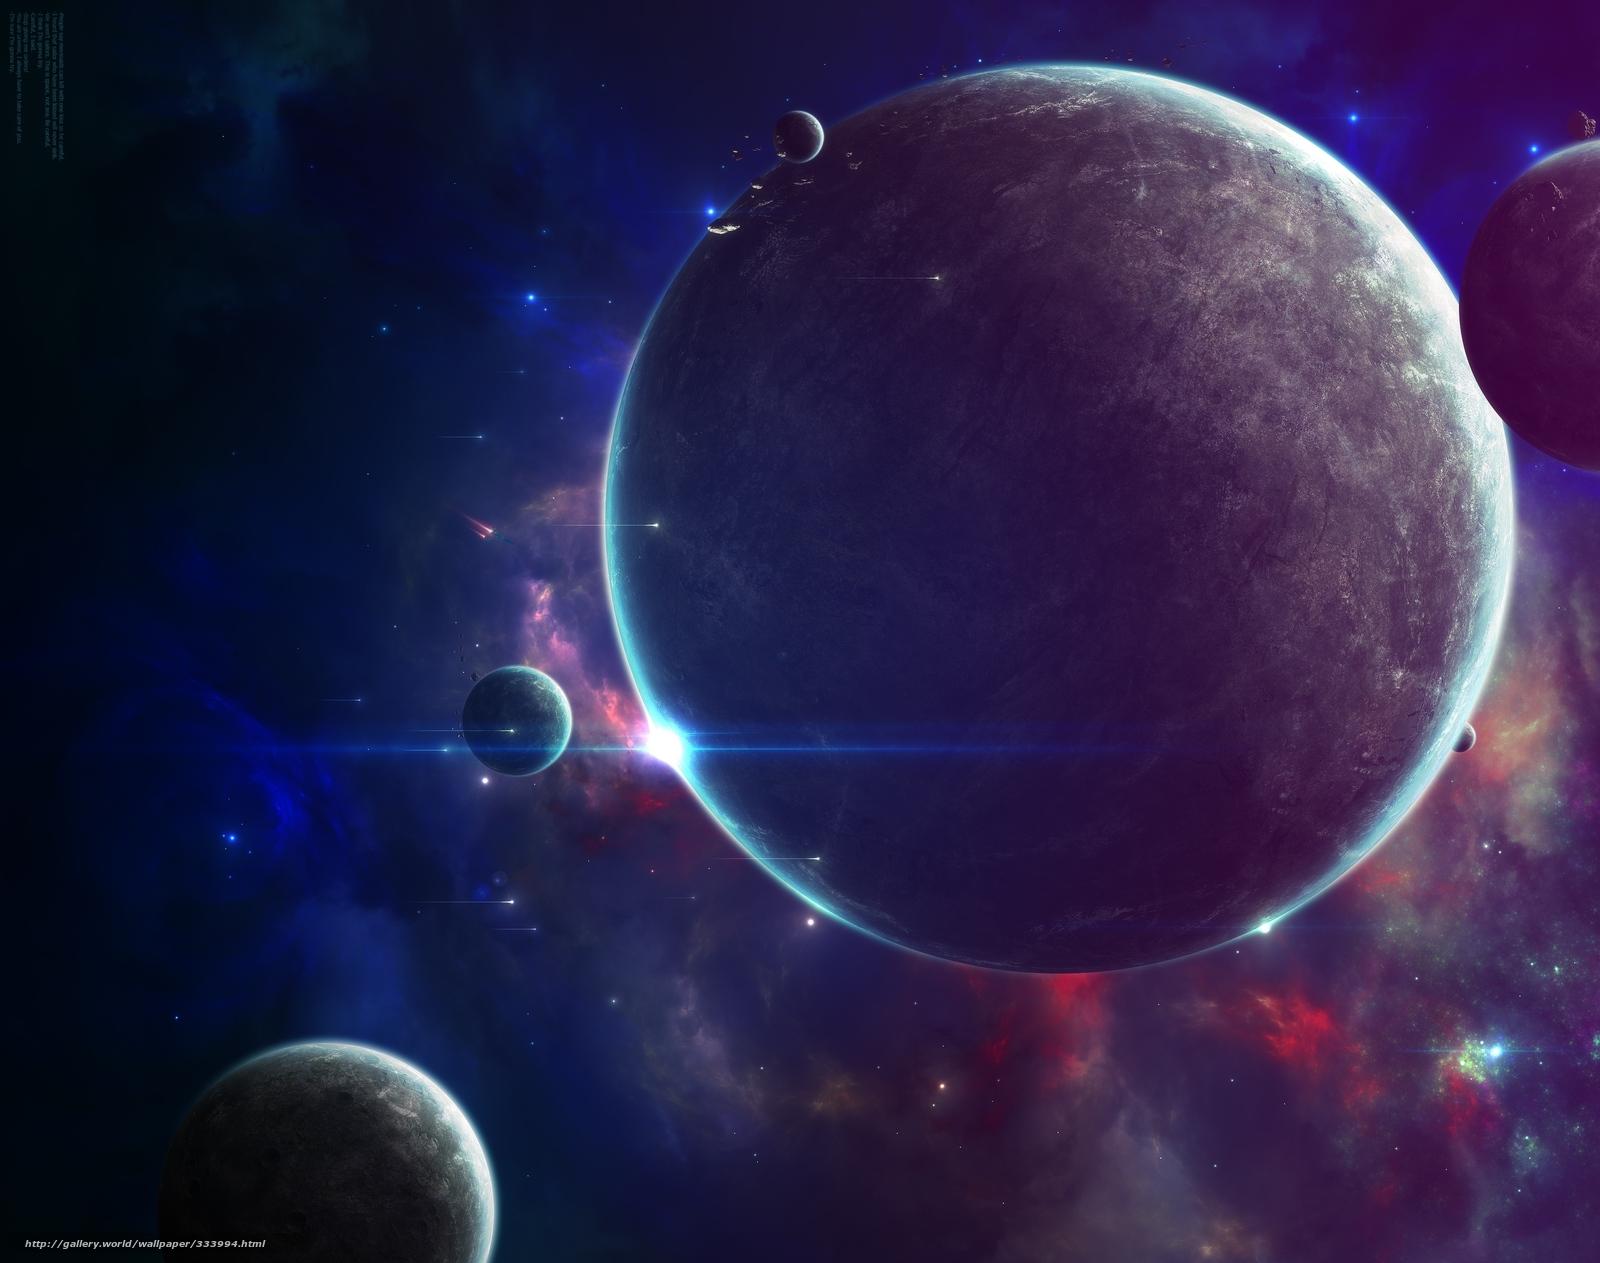 Скачать обои фото картинку на тему планеты, спутники, космос